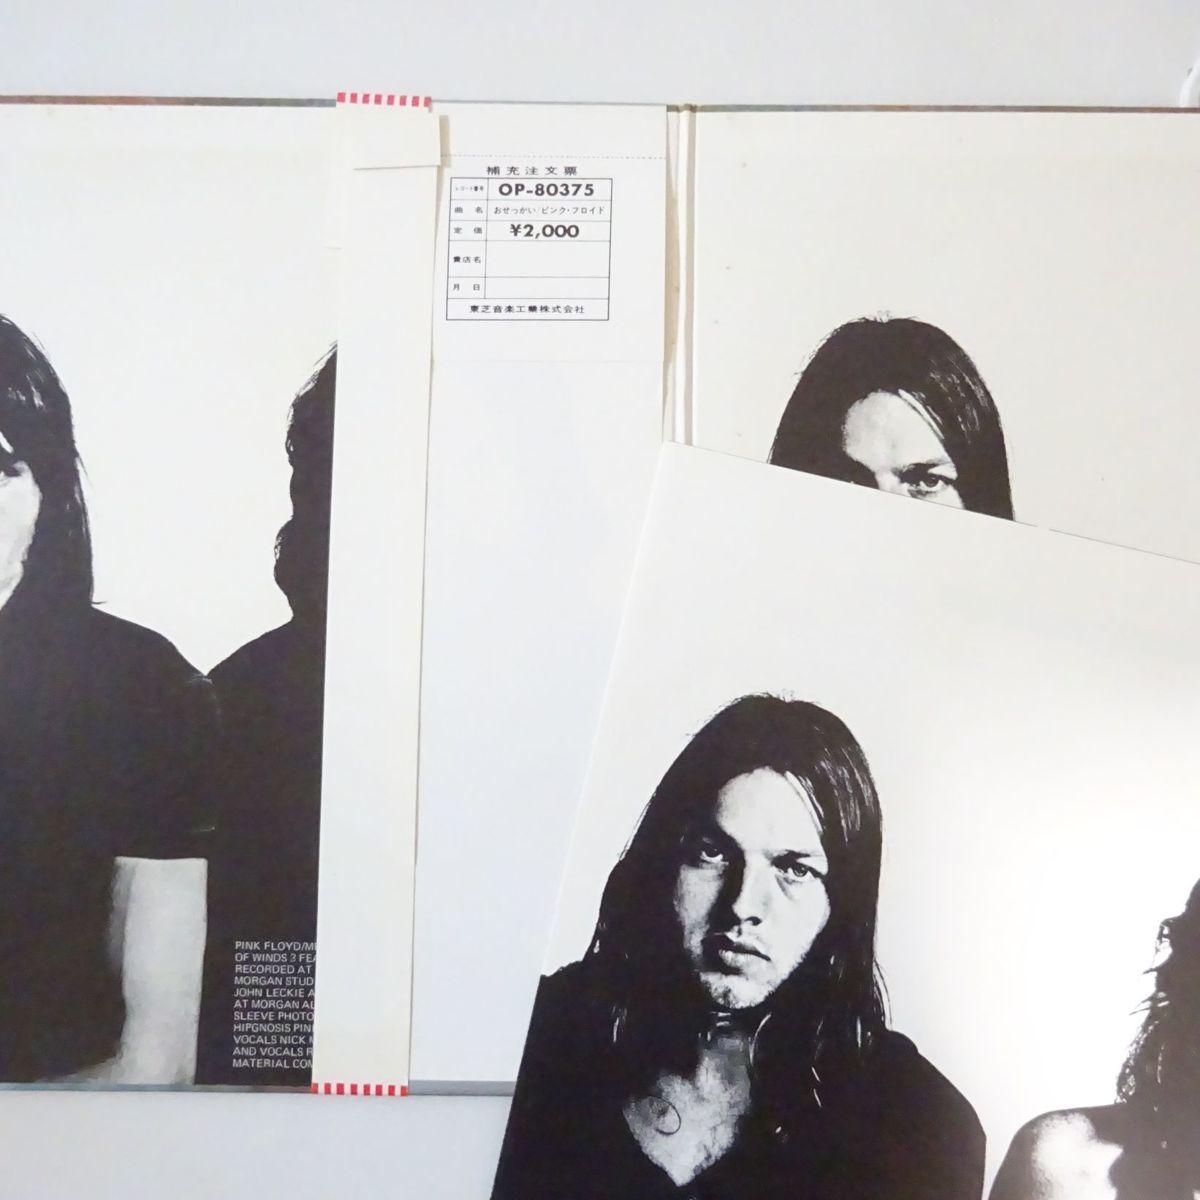 13032133;【ROCK NOW帯+来日記念帯/OP規格】Pink Floyd / Meddle おせっかい_画像2